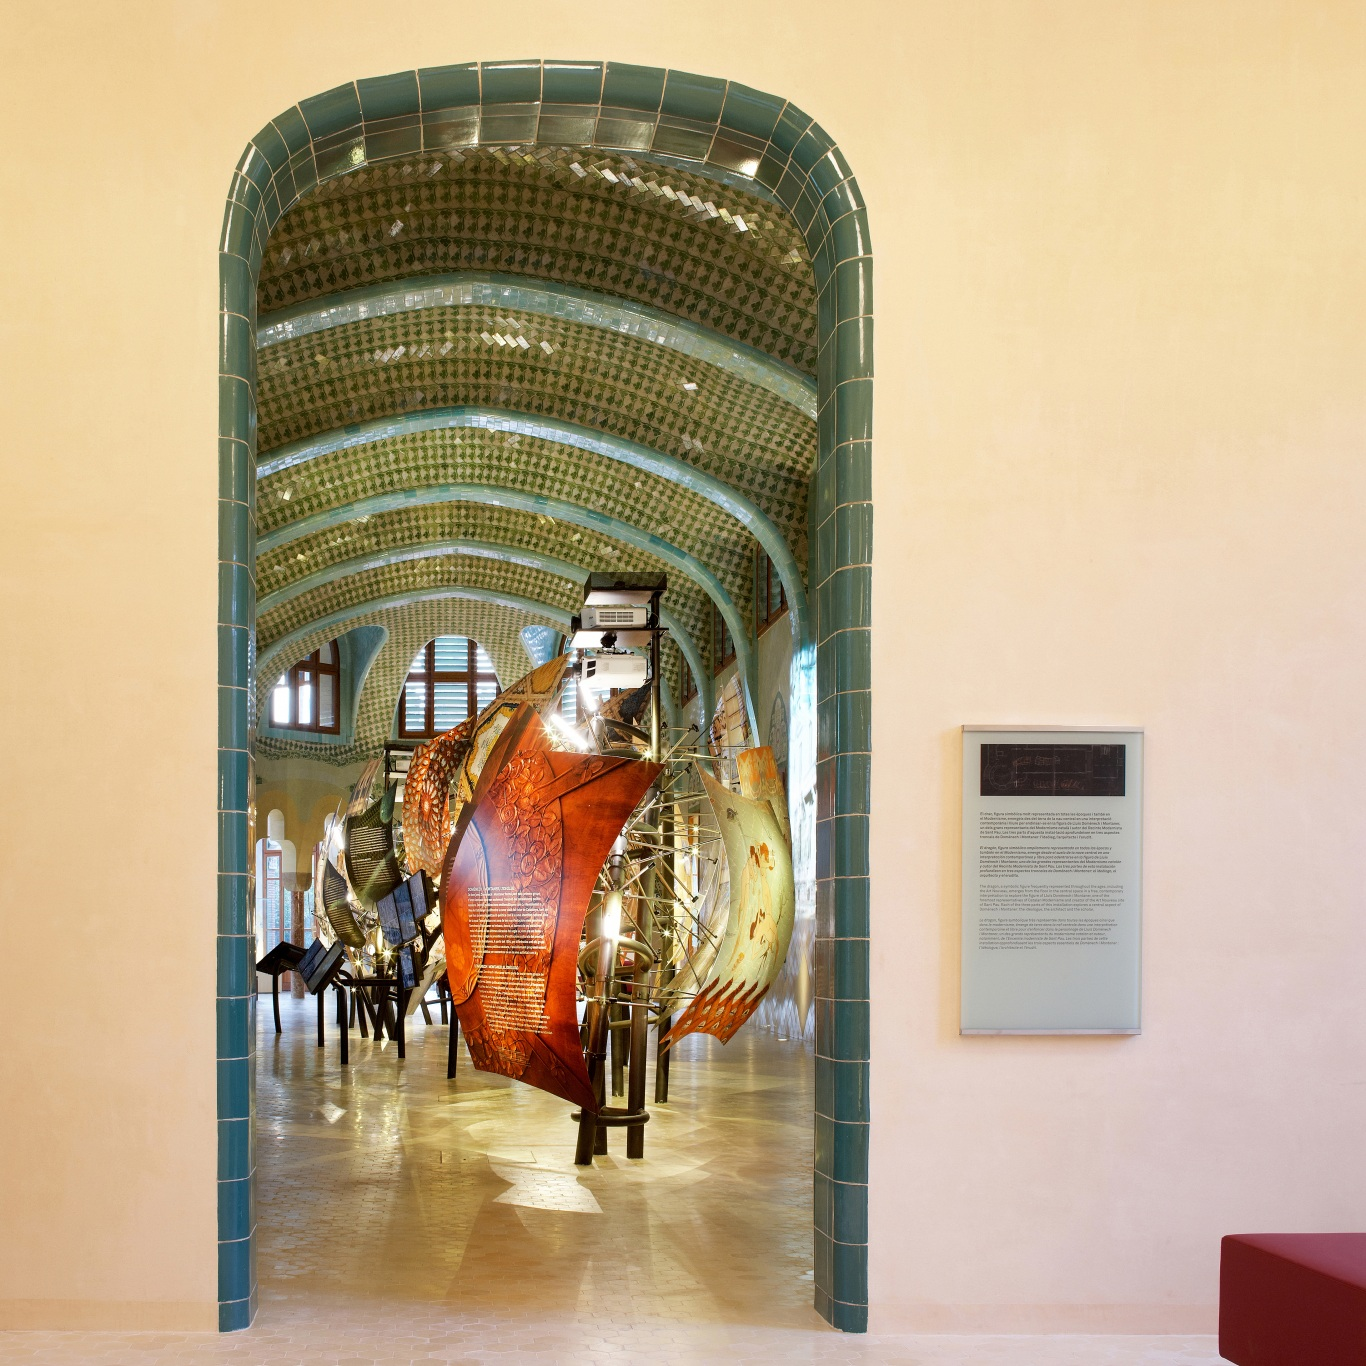 Hospital de la Santa Creu i Sant Pau. Puerta de acceso a la exposición del dragón. Estructura del dragón iluminada con el interior de cerámica del pabellón de fondo.